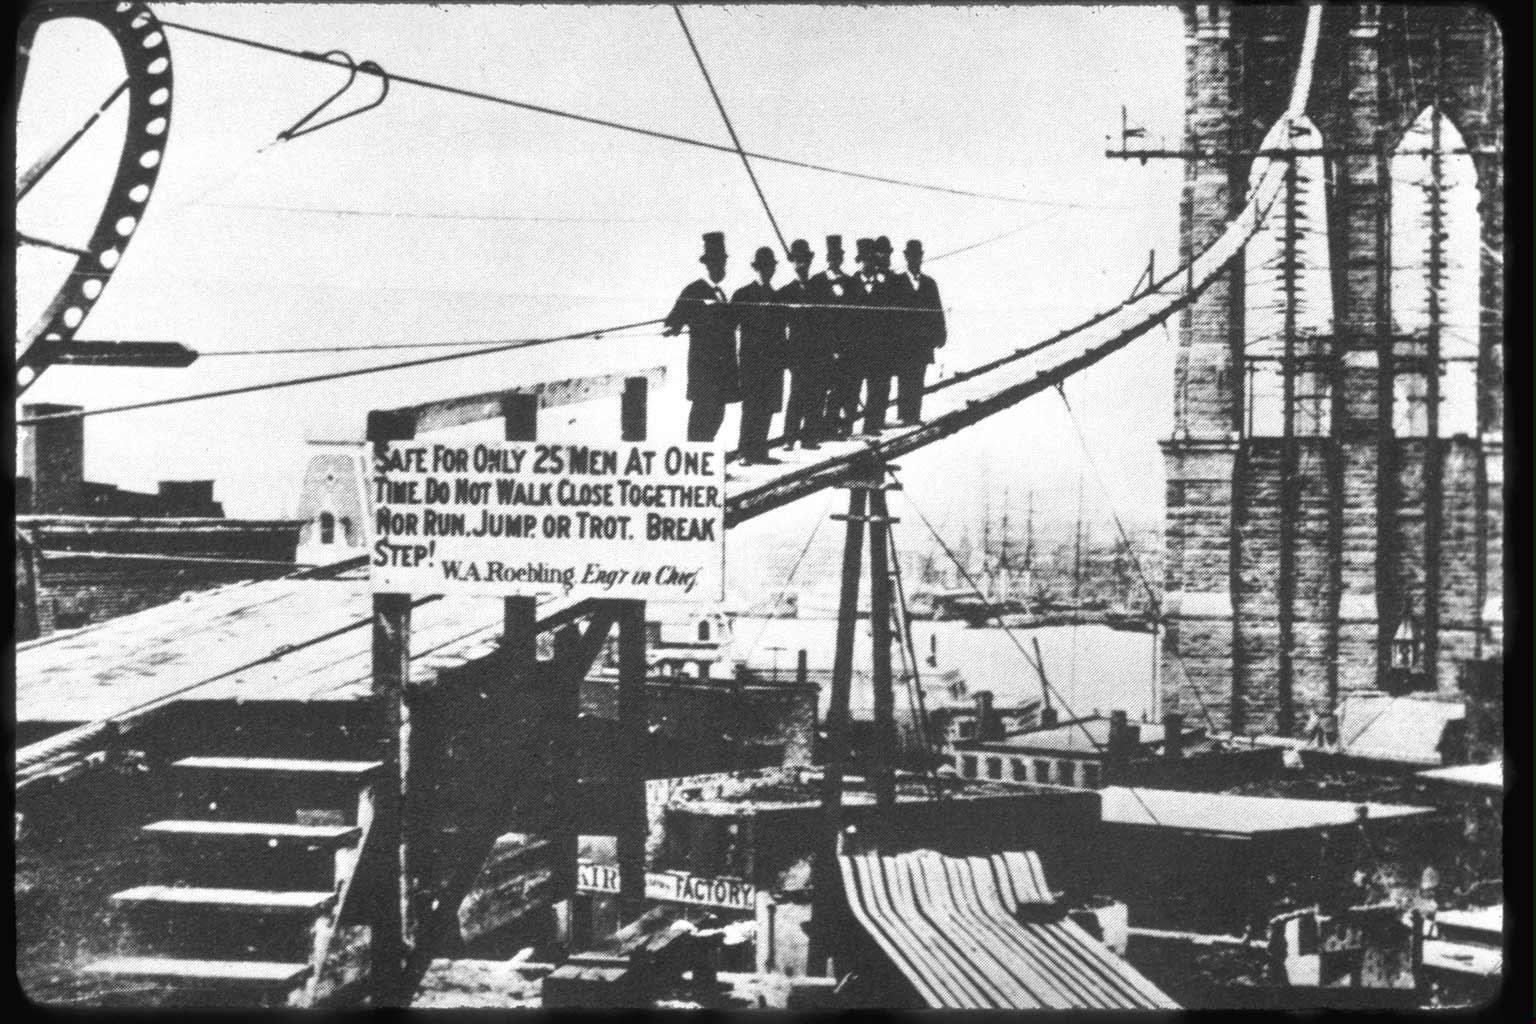 Γέφυρα του Μπρούκλιν: Είκοσι ελέφαντες, ένας κόκορας, μια κατάρα και μια γυναίκα